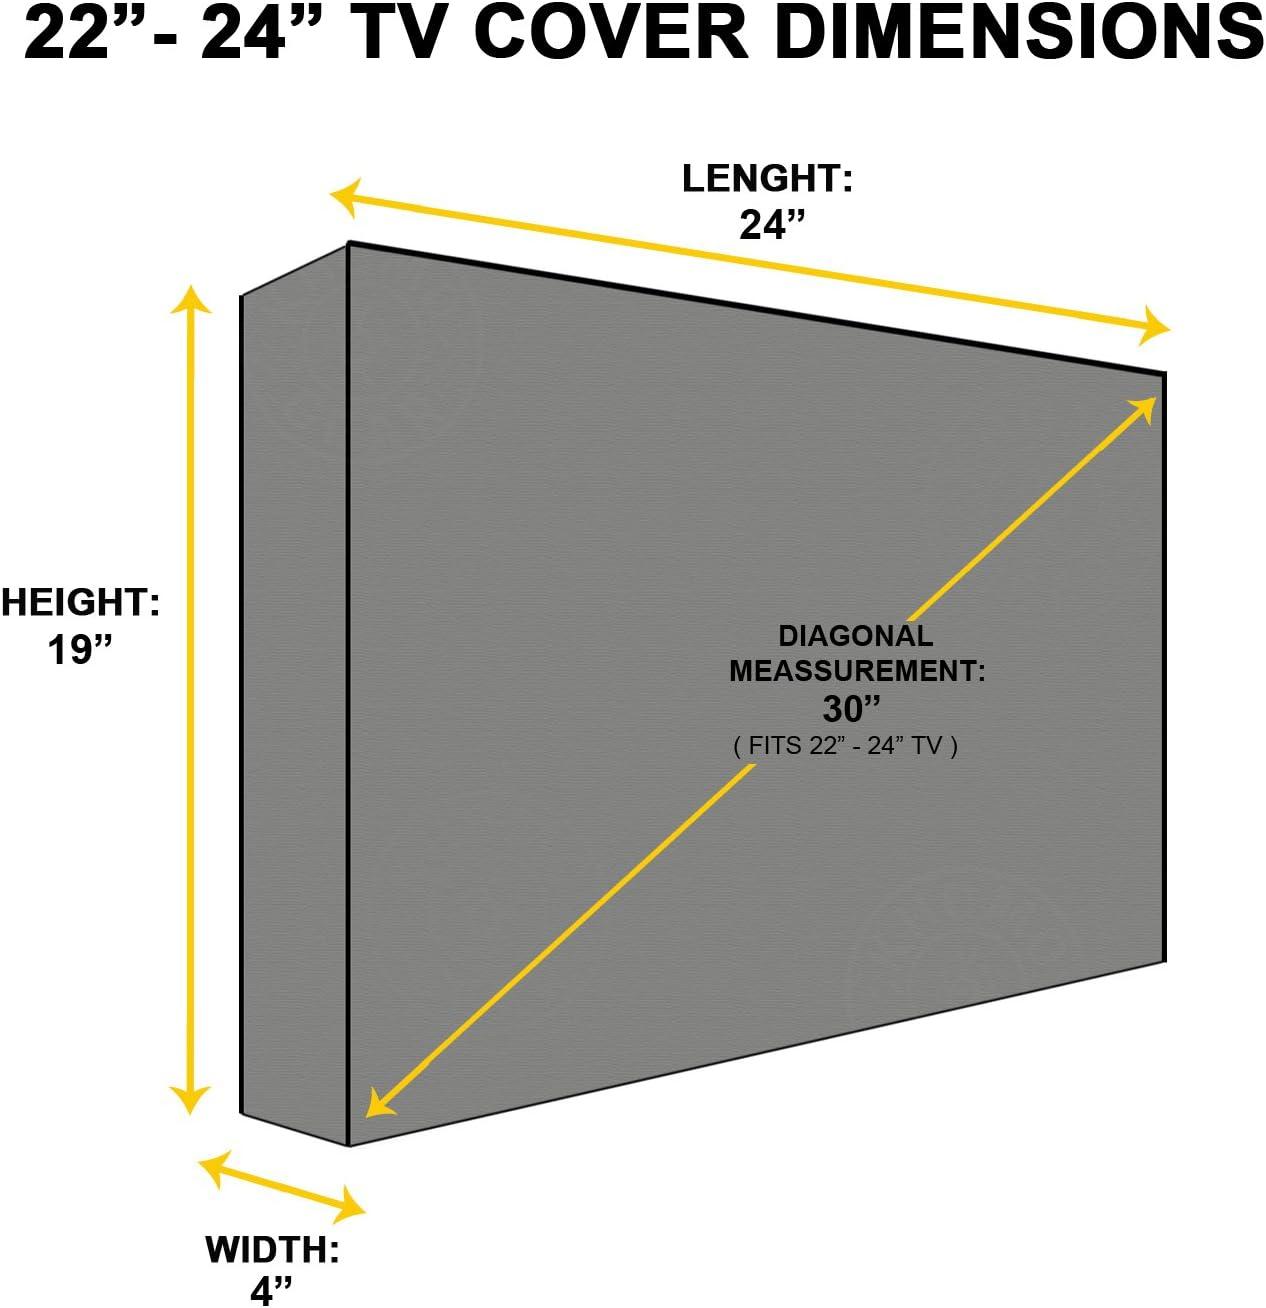 Protector TV Exterior Universal Funda para Televisor de 20-24 LCD Beige 24 Resistente al Agua /ó PLASMA LED Protector de Pantalla Compatible con Soportes de Mesa y Pared